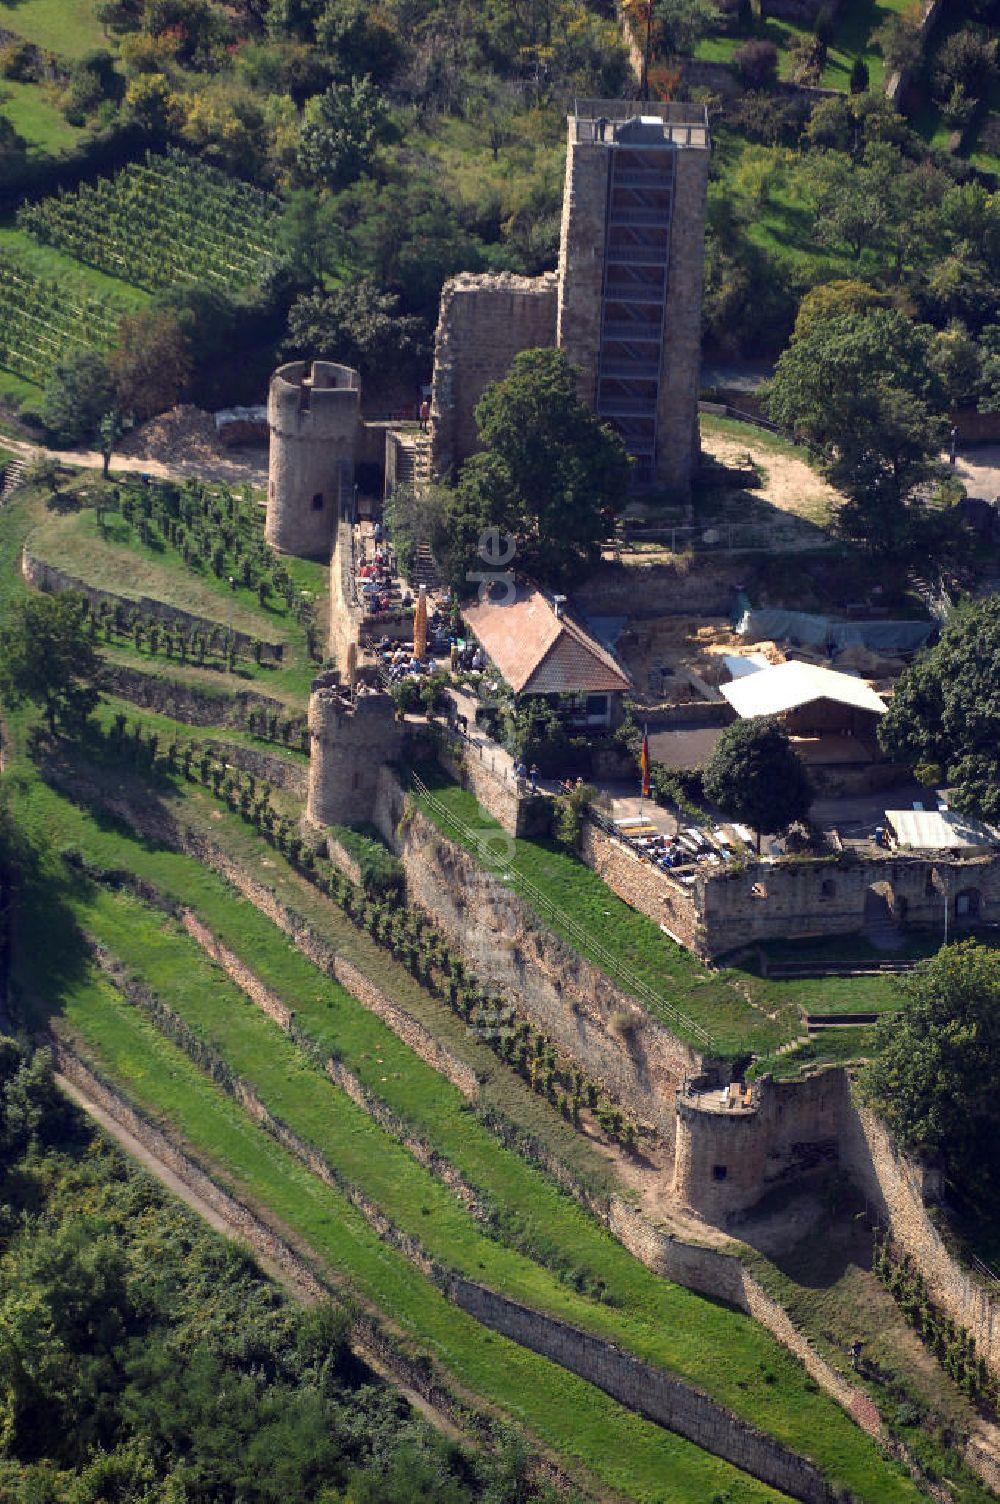 Wachenheim von oben - Wachtenburg in Wachenheim an der Weinstraße